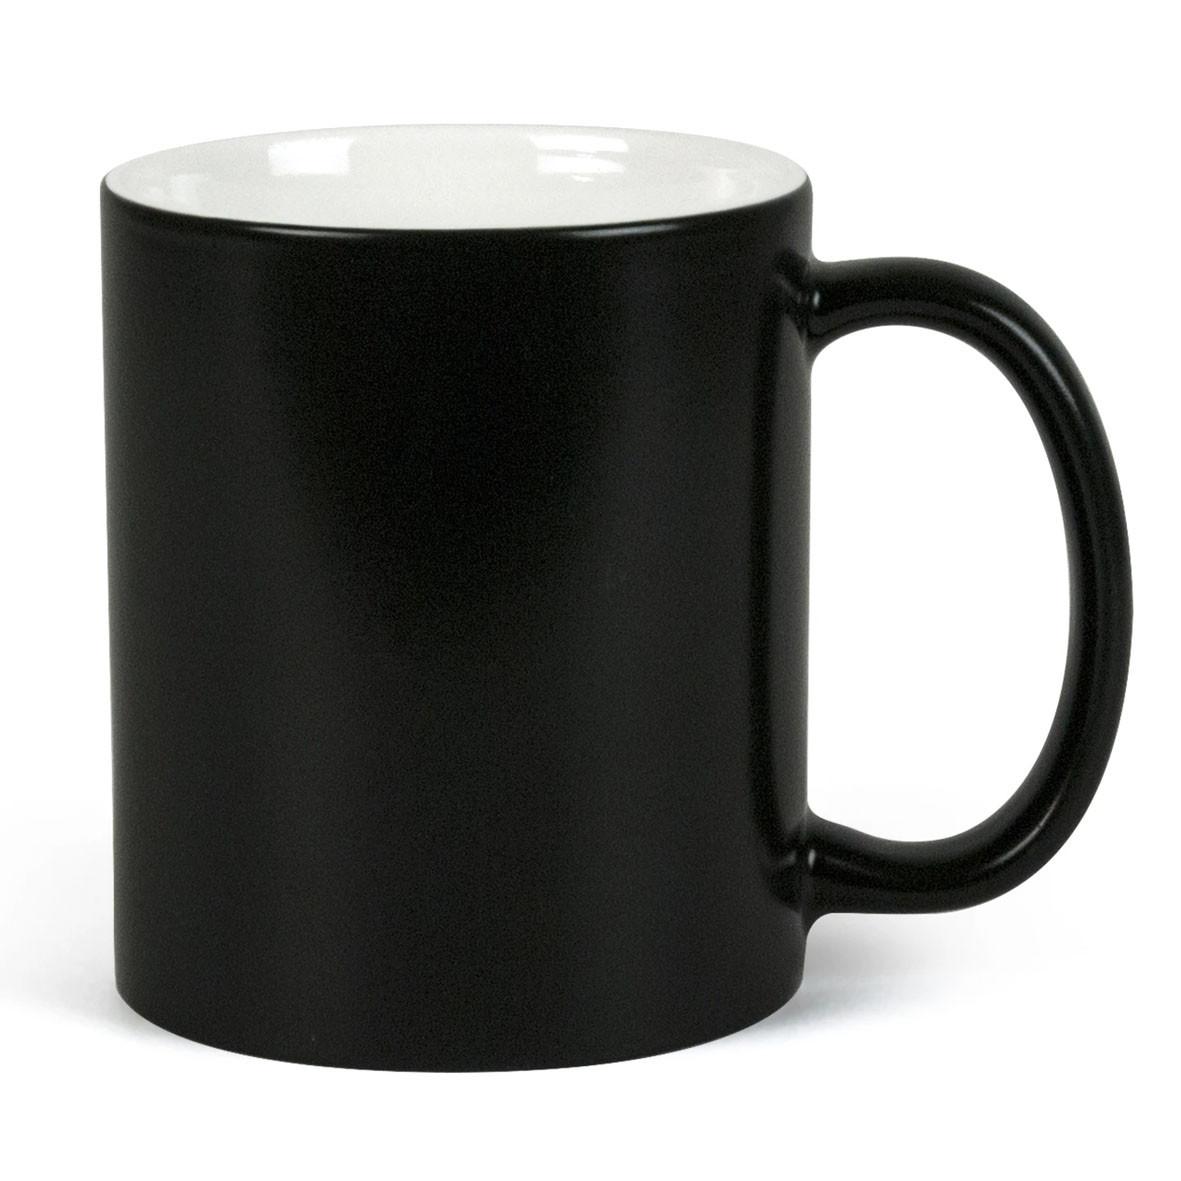 Чашка для сублимации хамелеон МАТОВЫЙ 330 мл (черный)